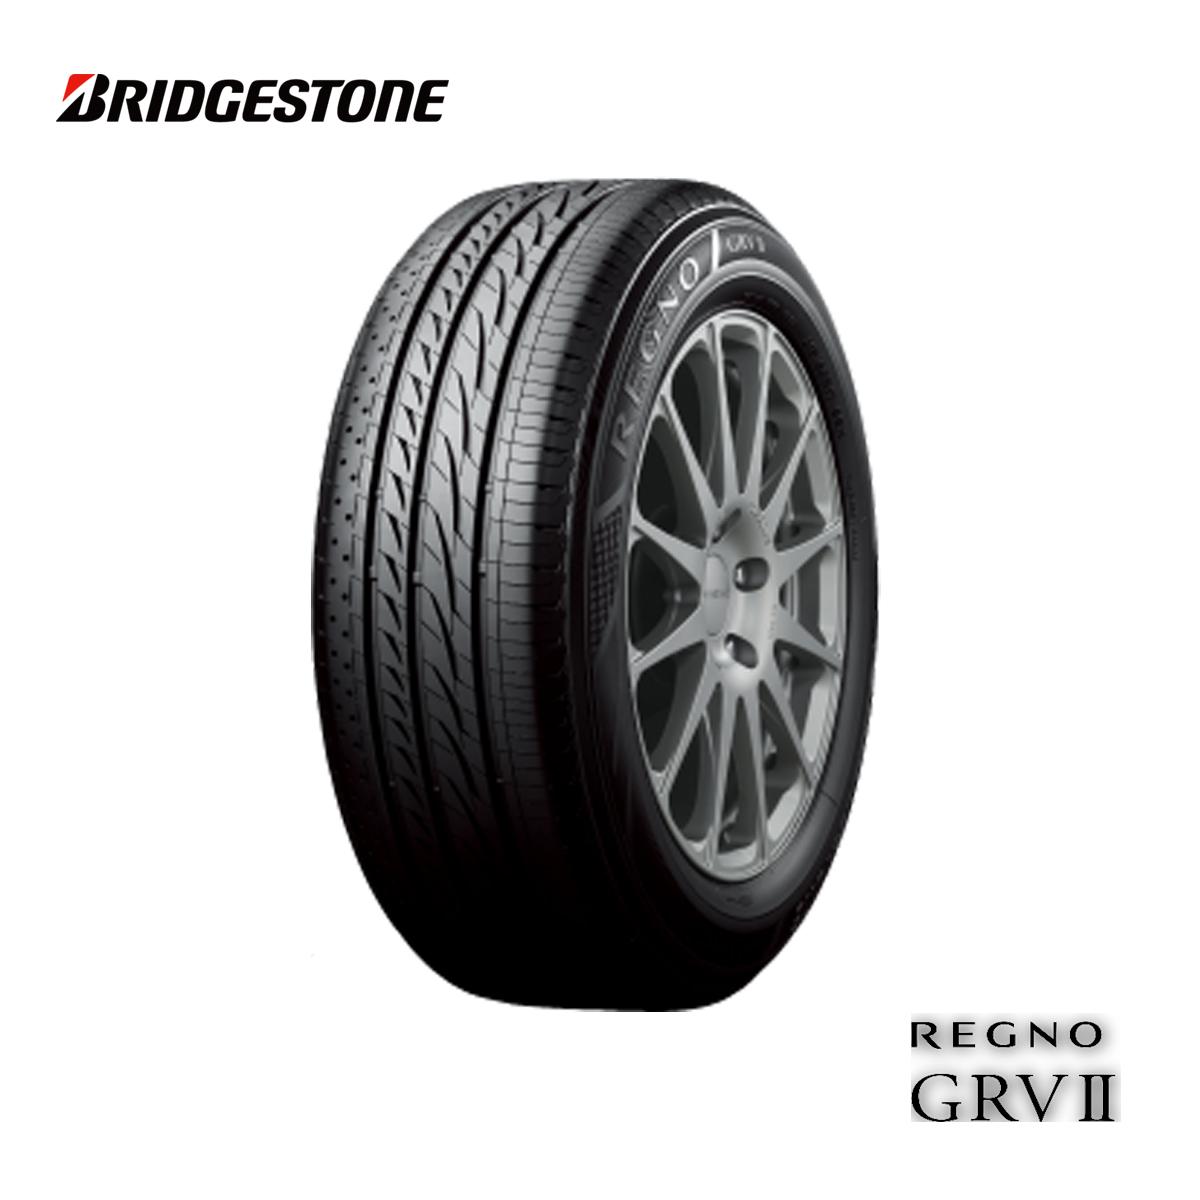 ブリヂストン BS 17インチ タイヤ 215/60R17 215 60 17 レグノ サマータイヤ 4本 低燃費 エコ 夏 サマー タイヤ BRIDGESTONE REGNO GRVII GRV2